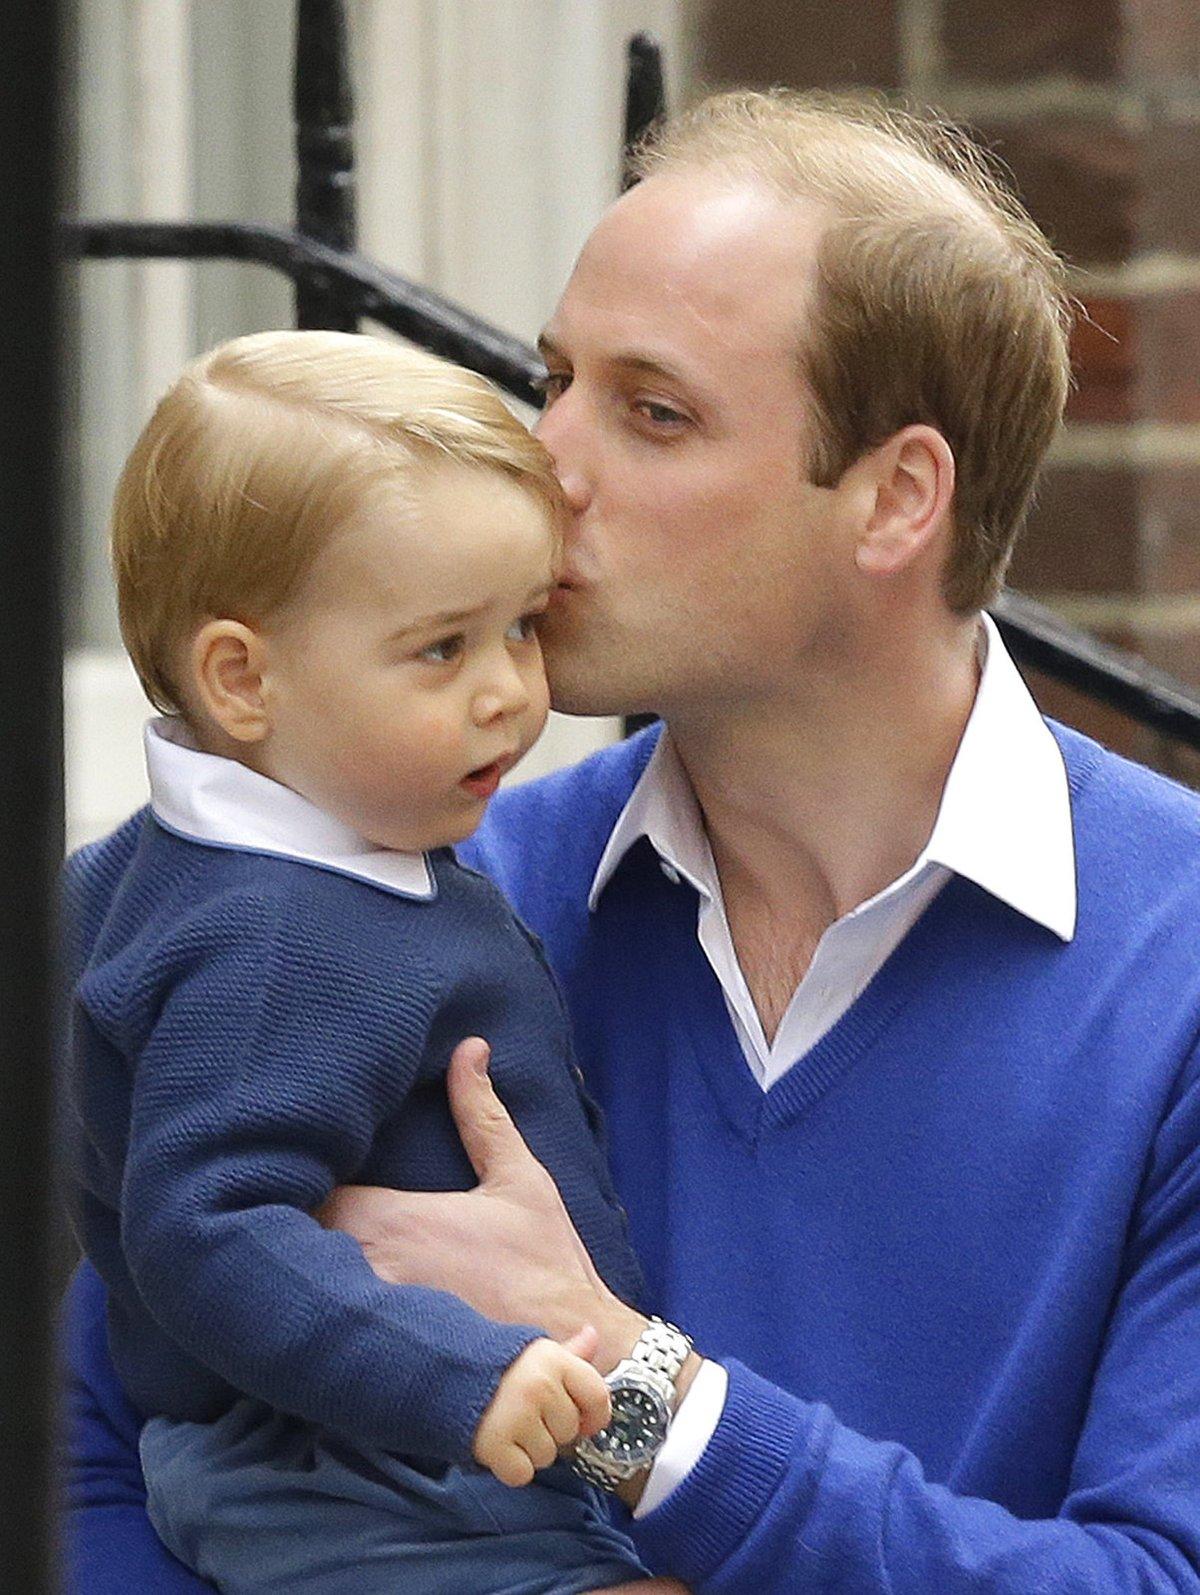 Sestřička je atrakcí i pro malého George, který stále běhá kolem a ani na chvíli se nezastaví.